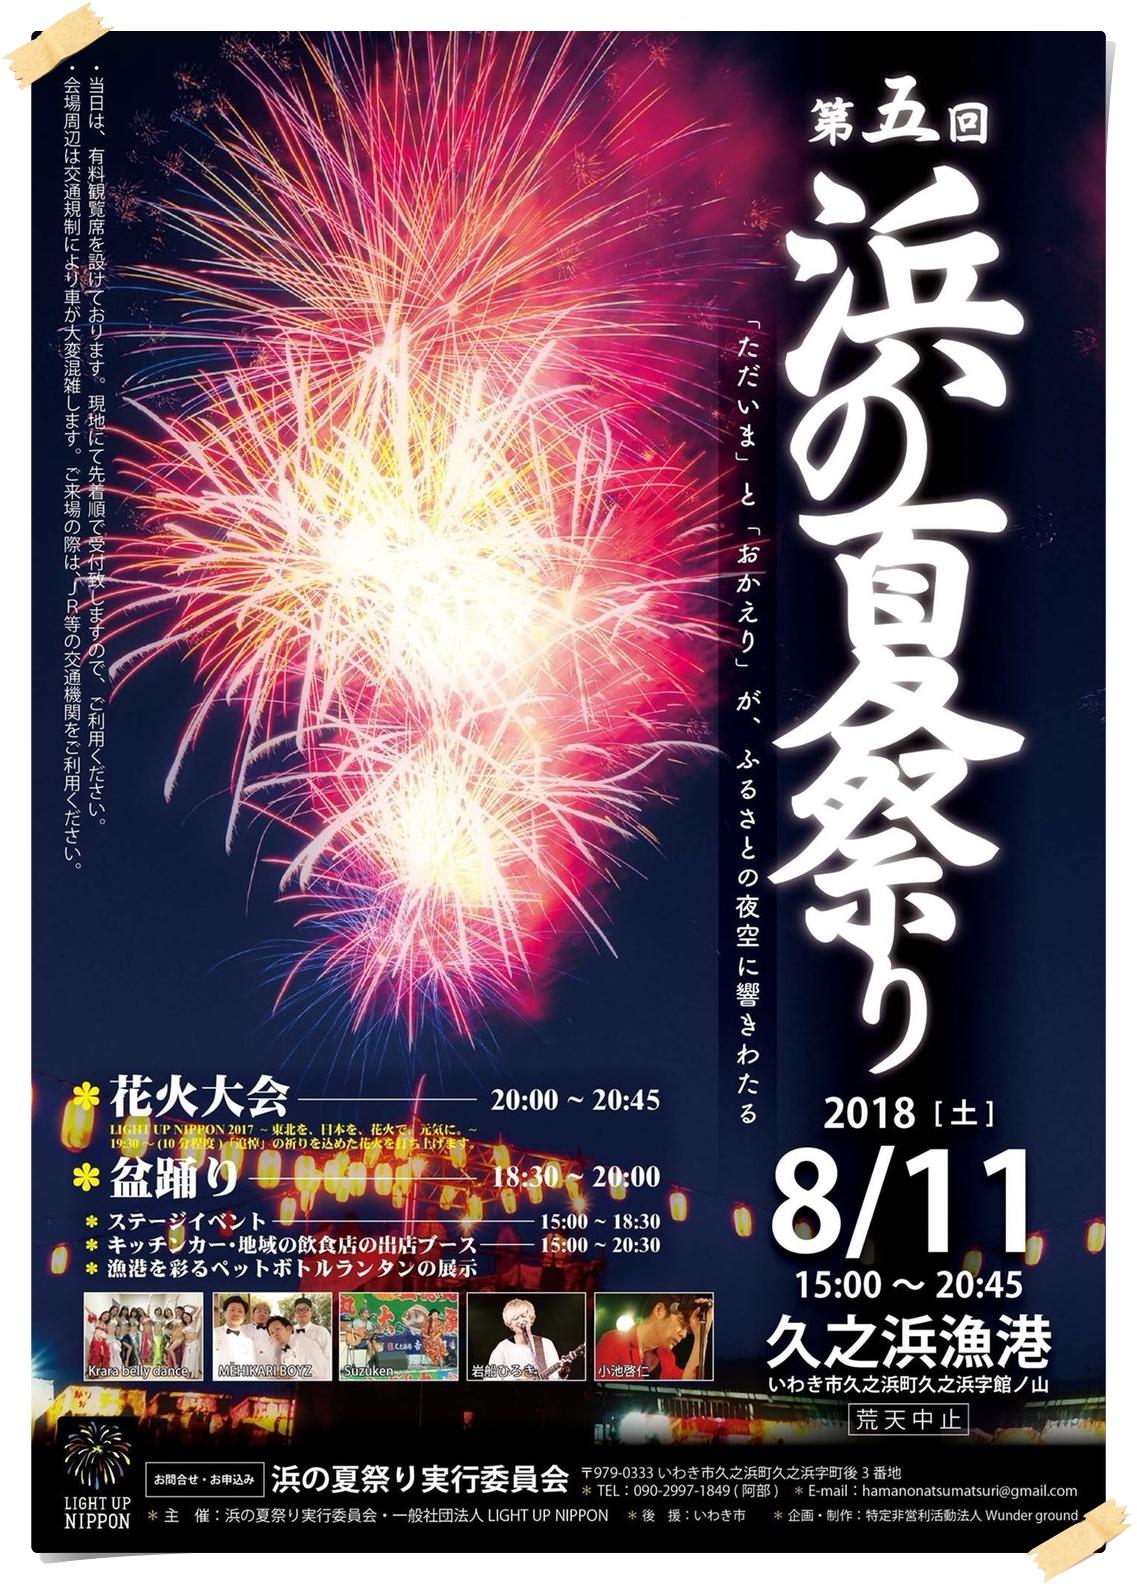 久之浜の夜空を彩ります!「第5回浜の夏祭り」8月11日(土)開催!! [平成30年8月6日(月)更新]